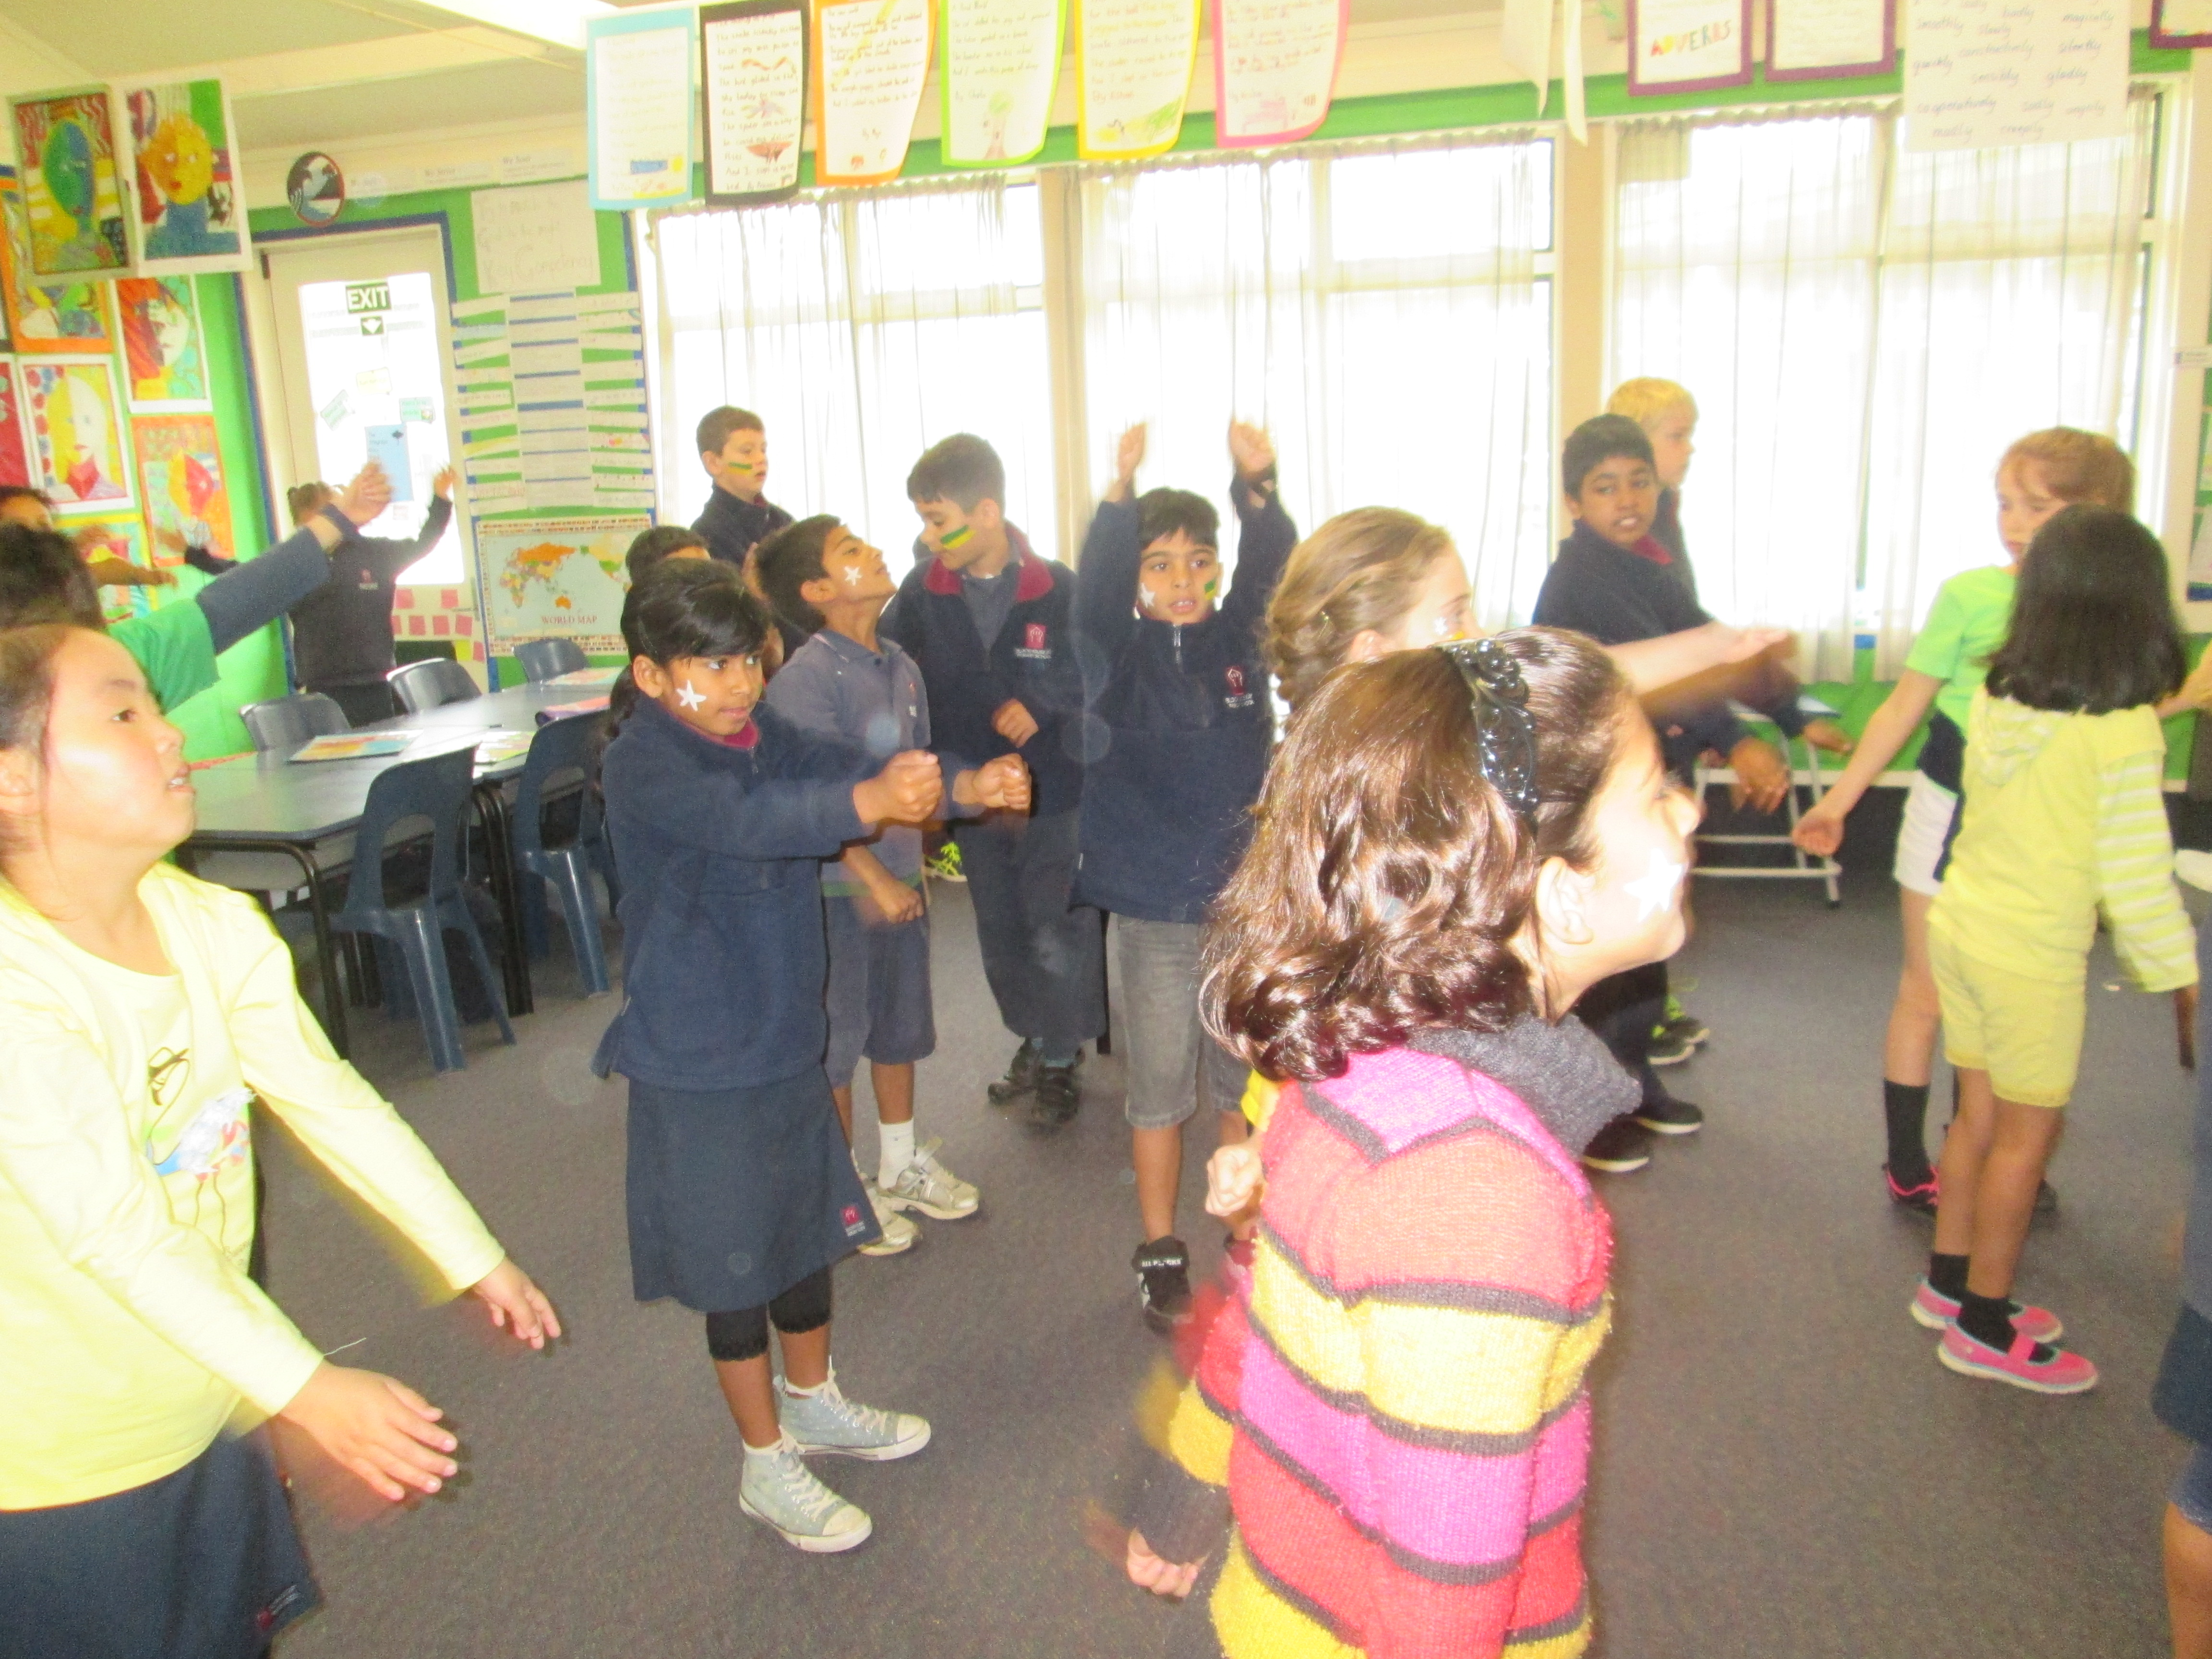 Blockhouse Bay Primary School - Rainy Day Fitness